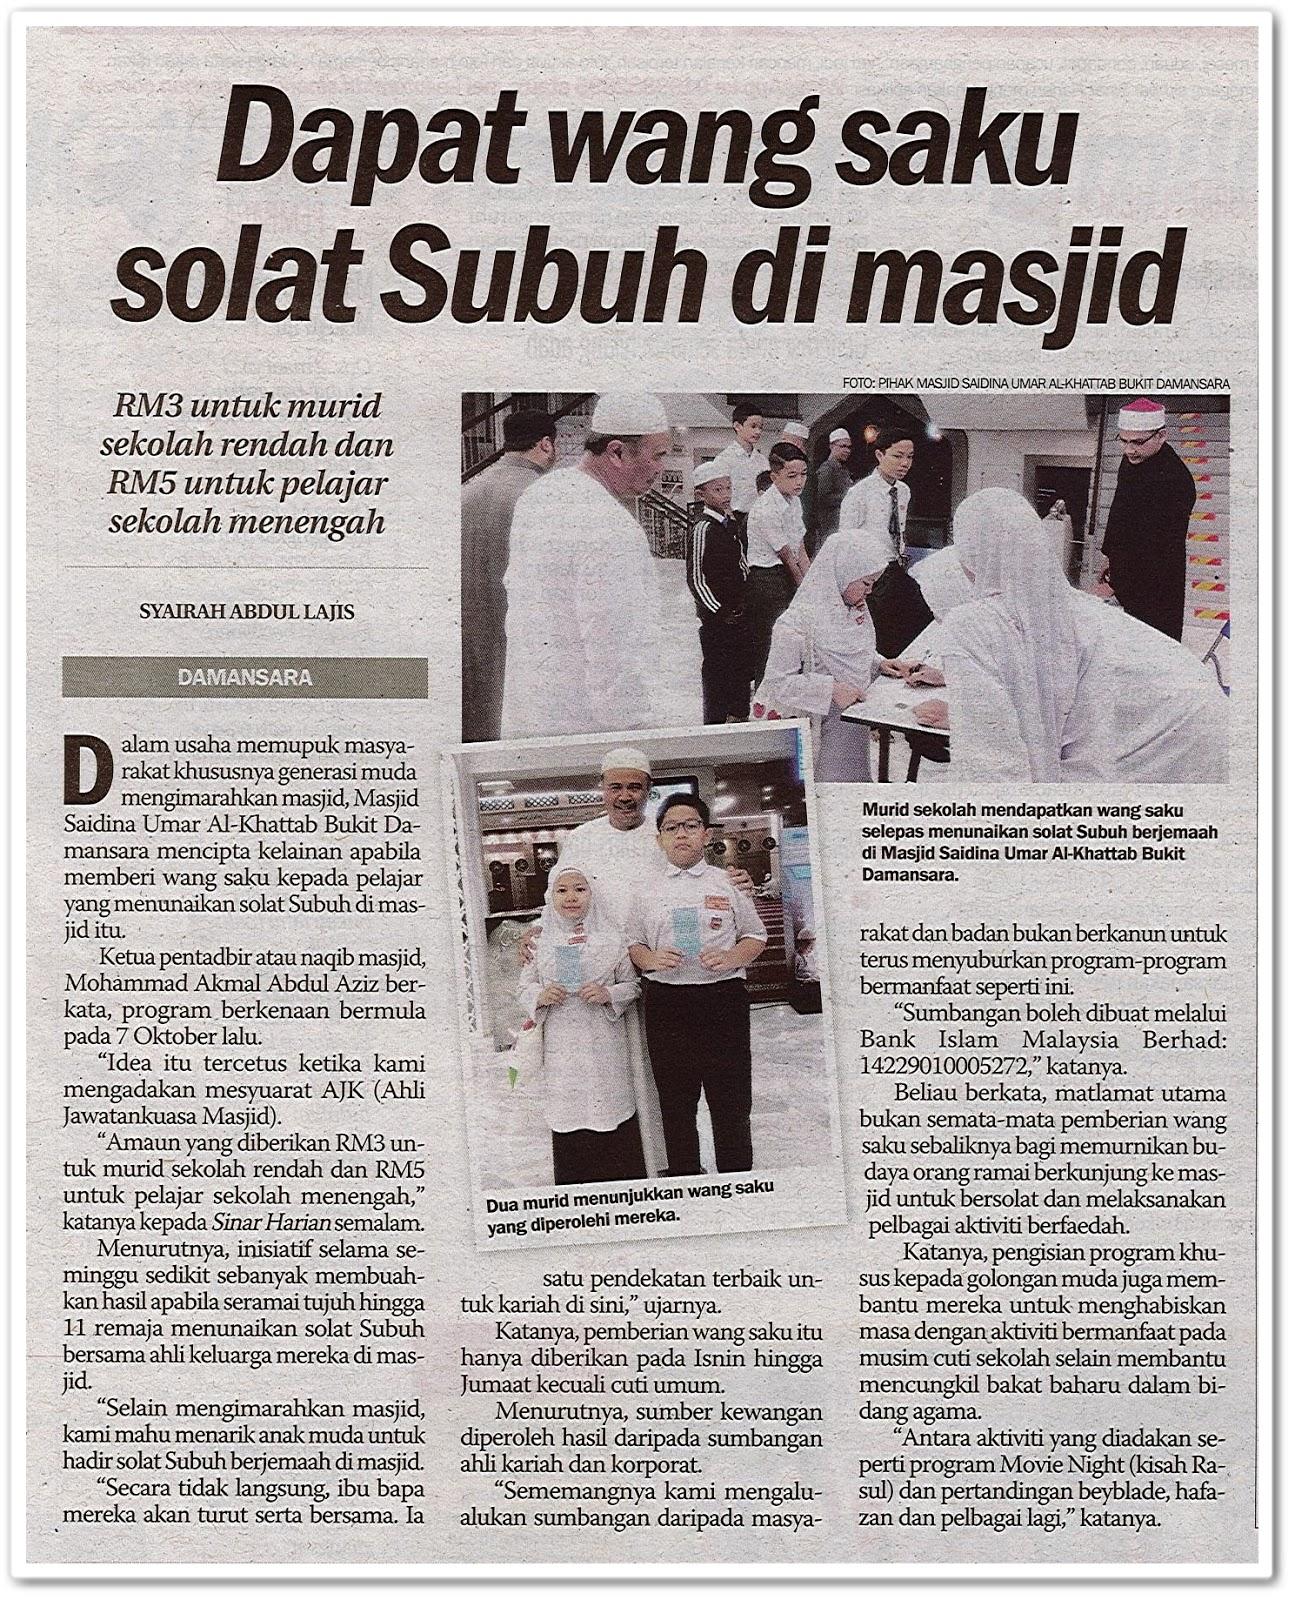 Dapat wang saku solat Subuh di masjid - Keratan akhbar Sinar Harian 15 Oktober 2019